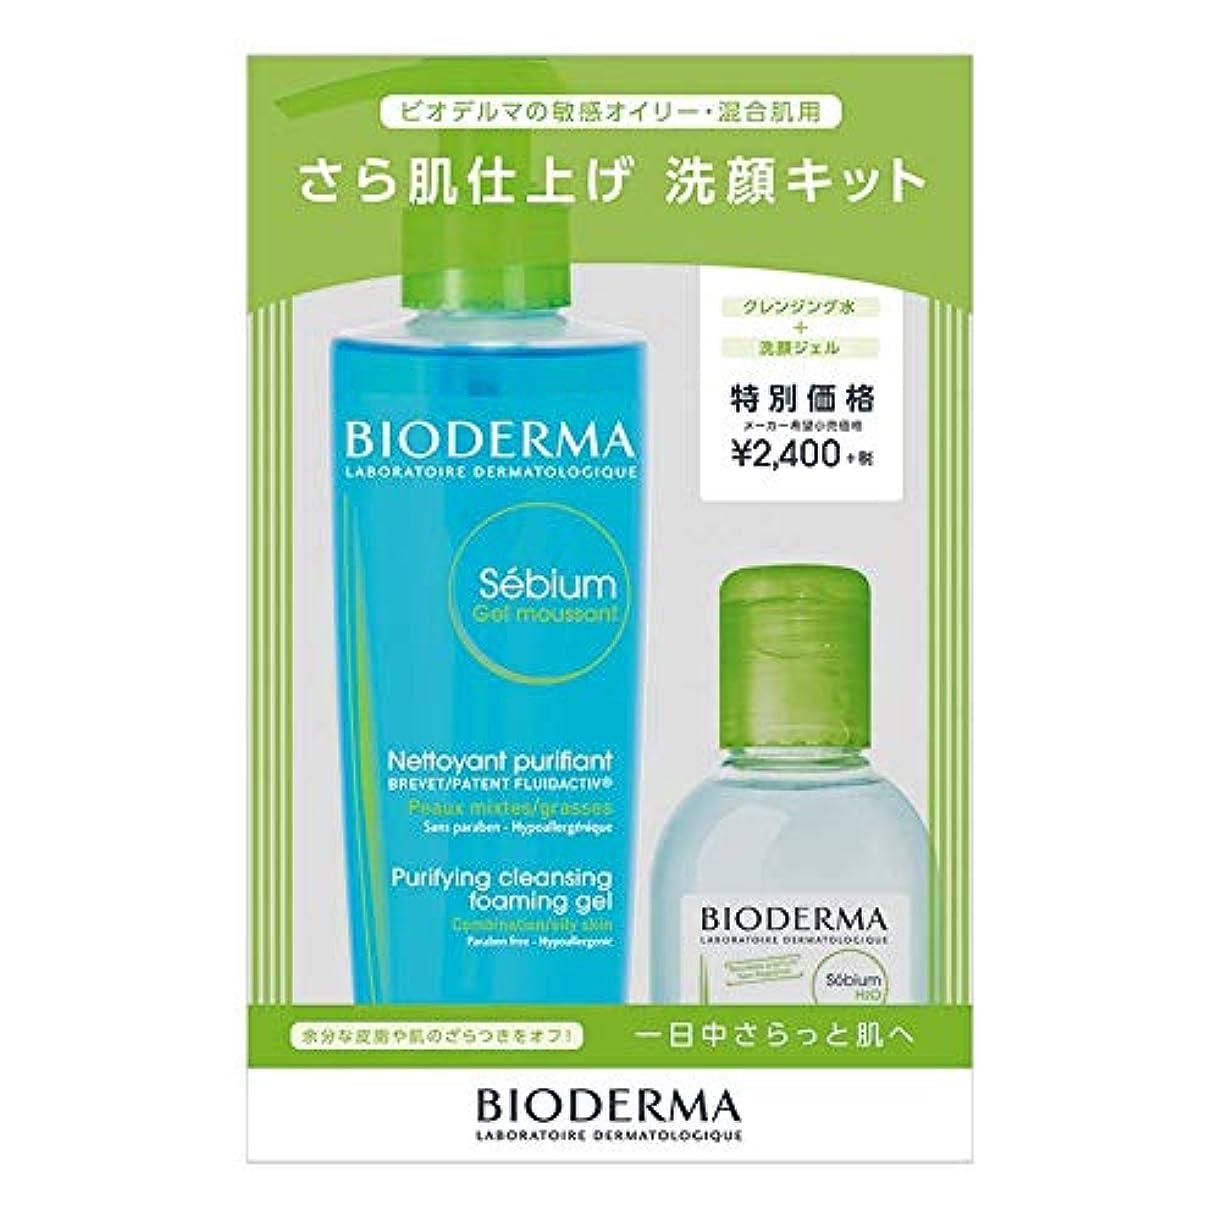 一部簡単にどんなときも【正規品】ビオデルマ セビウム さら肌仕上げ 洗顔キット (セビウム フォーミングウォッシングジェル200g+セビウム エイチツーオー D 100mL)